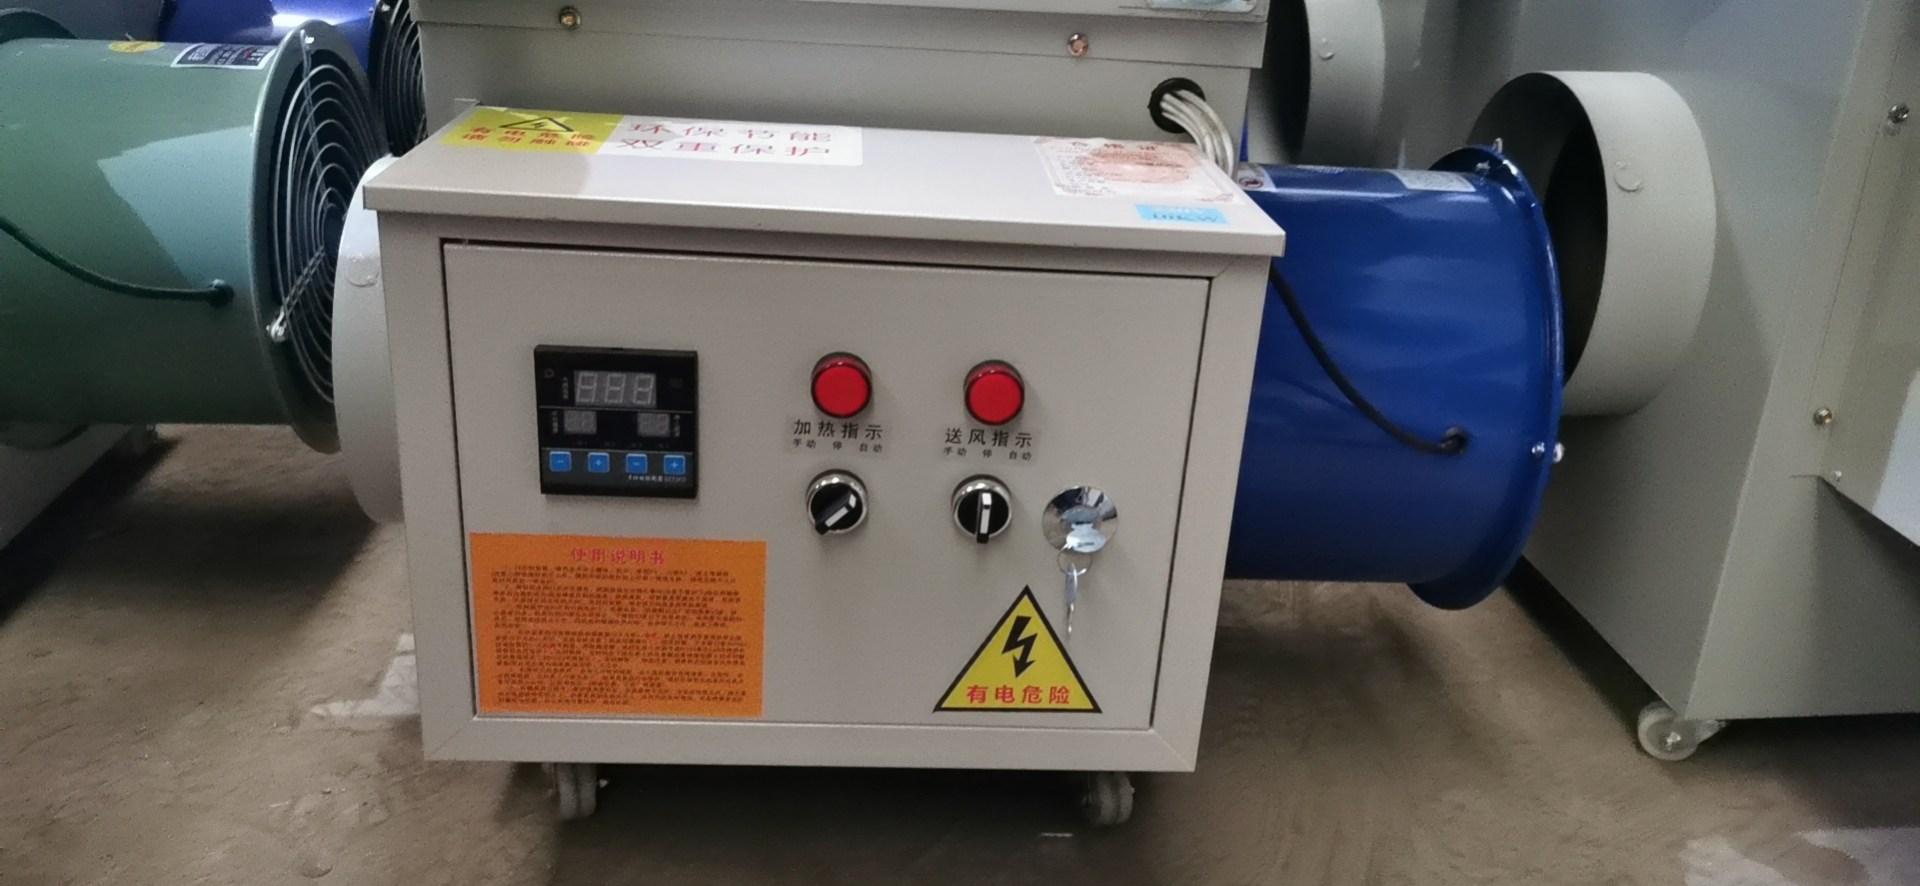 빨래건조기 양식 온풍기 대면적 공업 난방기 건조기, T05-10킬로와트/220볼트